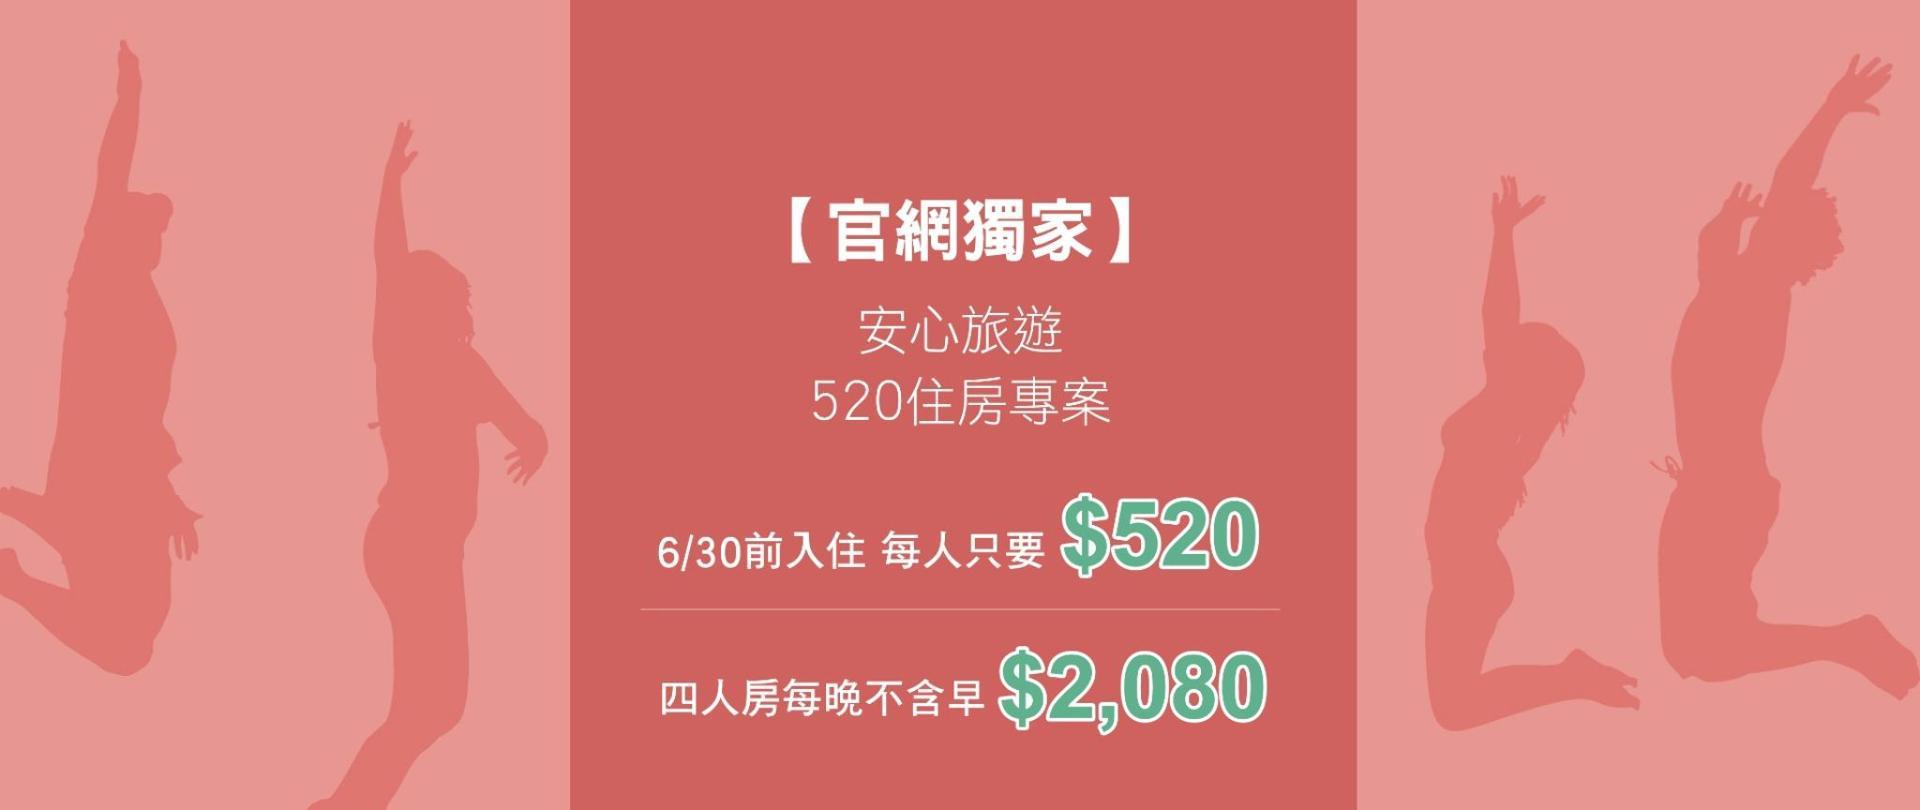 Slide Show1920X810_安心旅遊.jpg